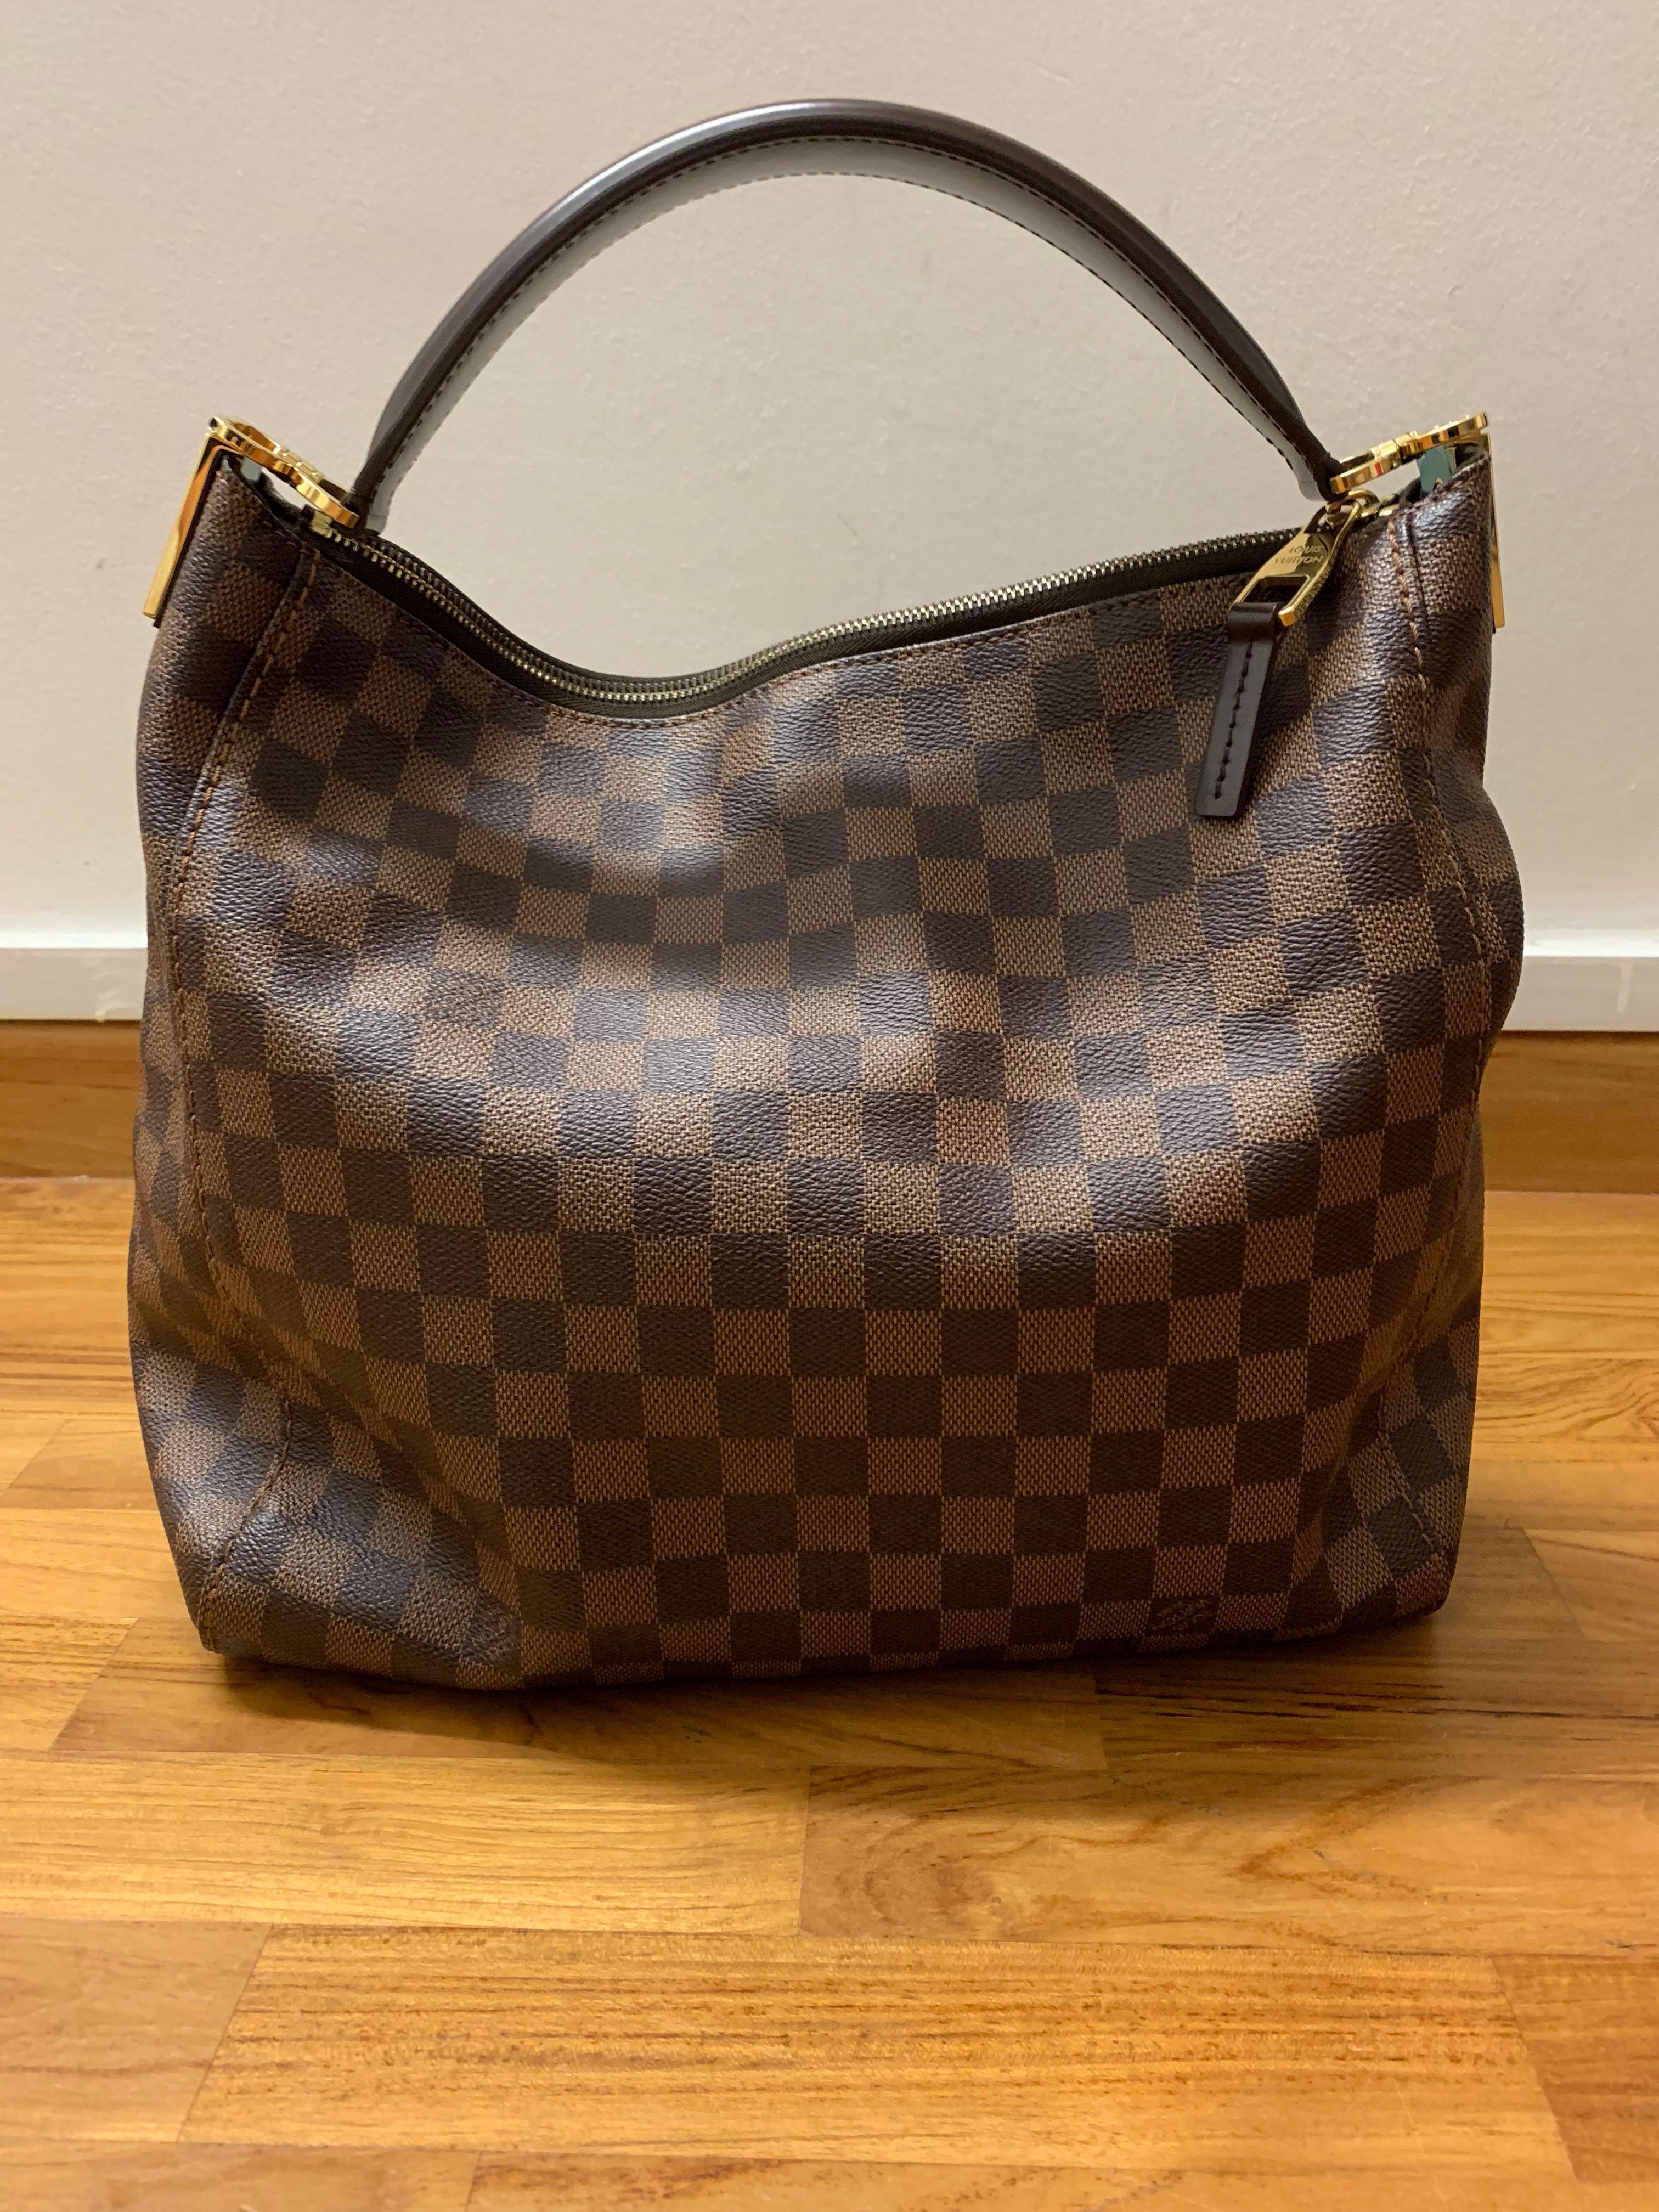 62a8aed0f56 Louis Vuitton Portobello PM Handbag (Authentic)